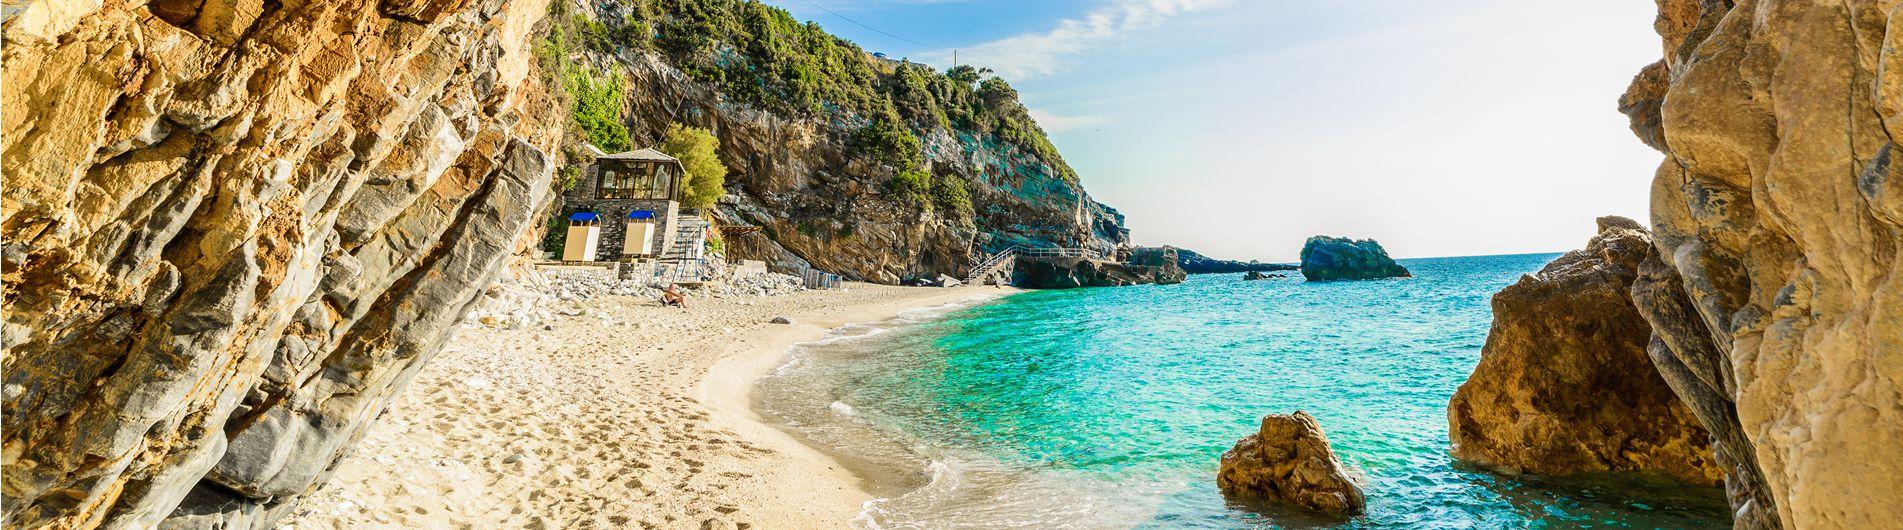 Corfu Holidays